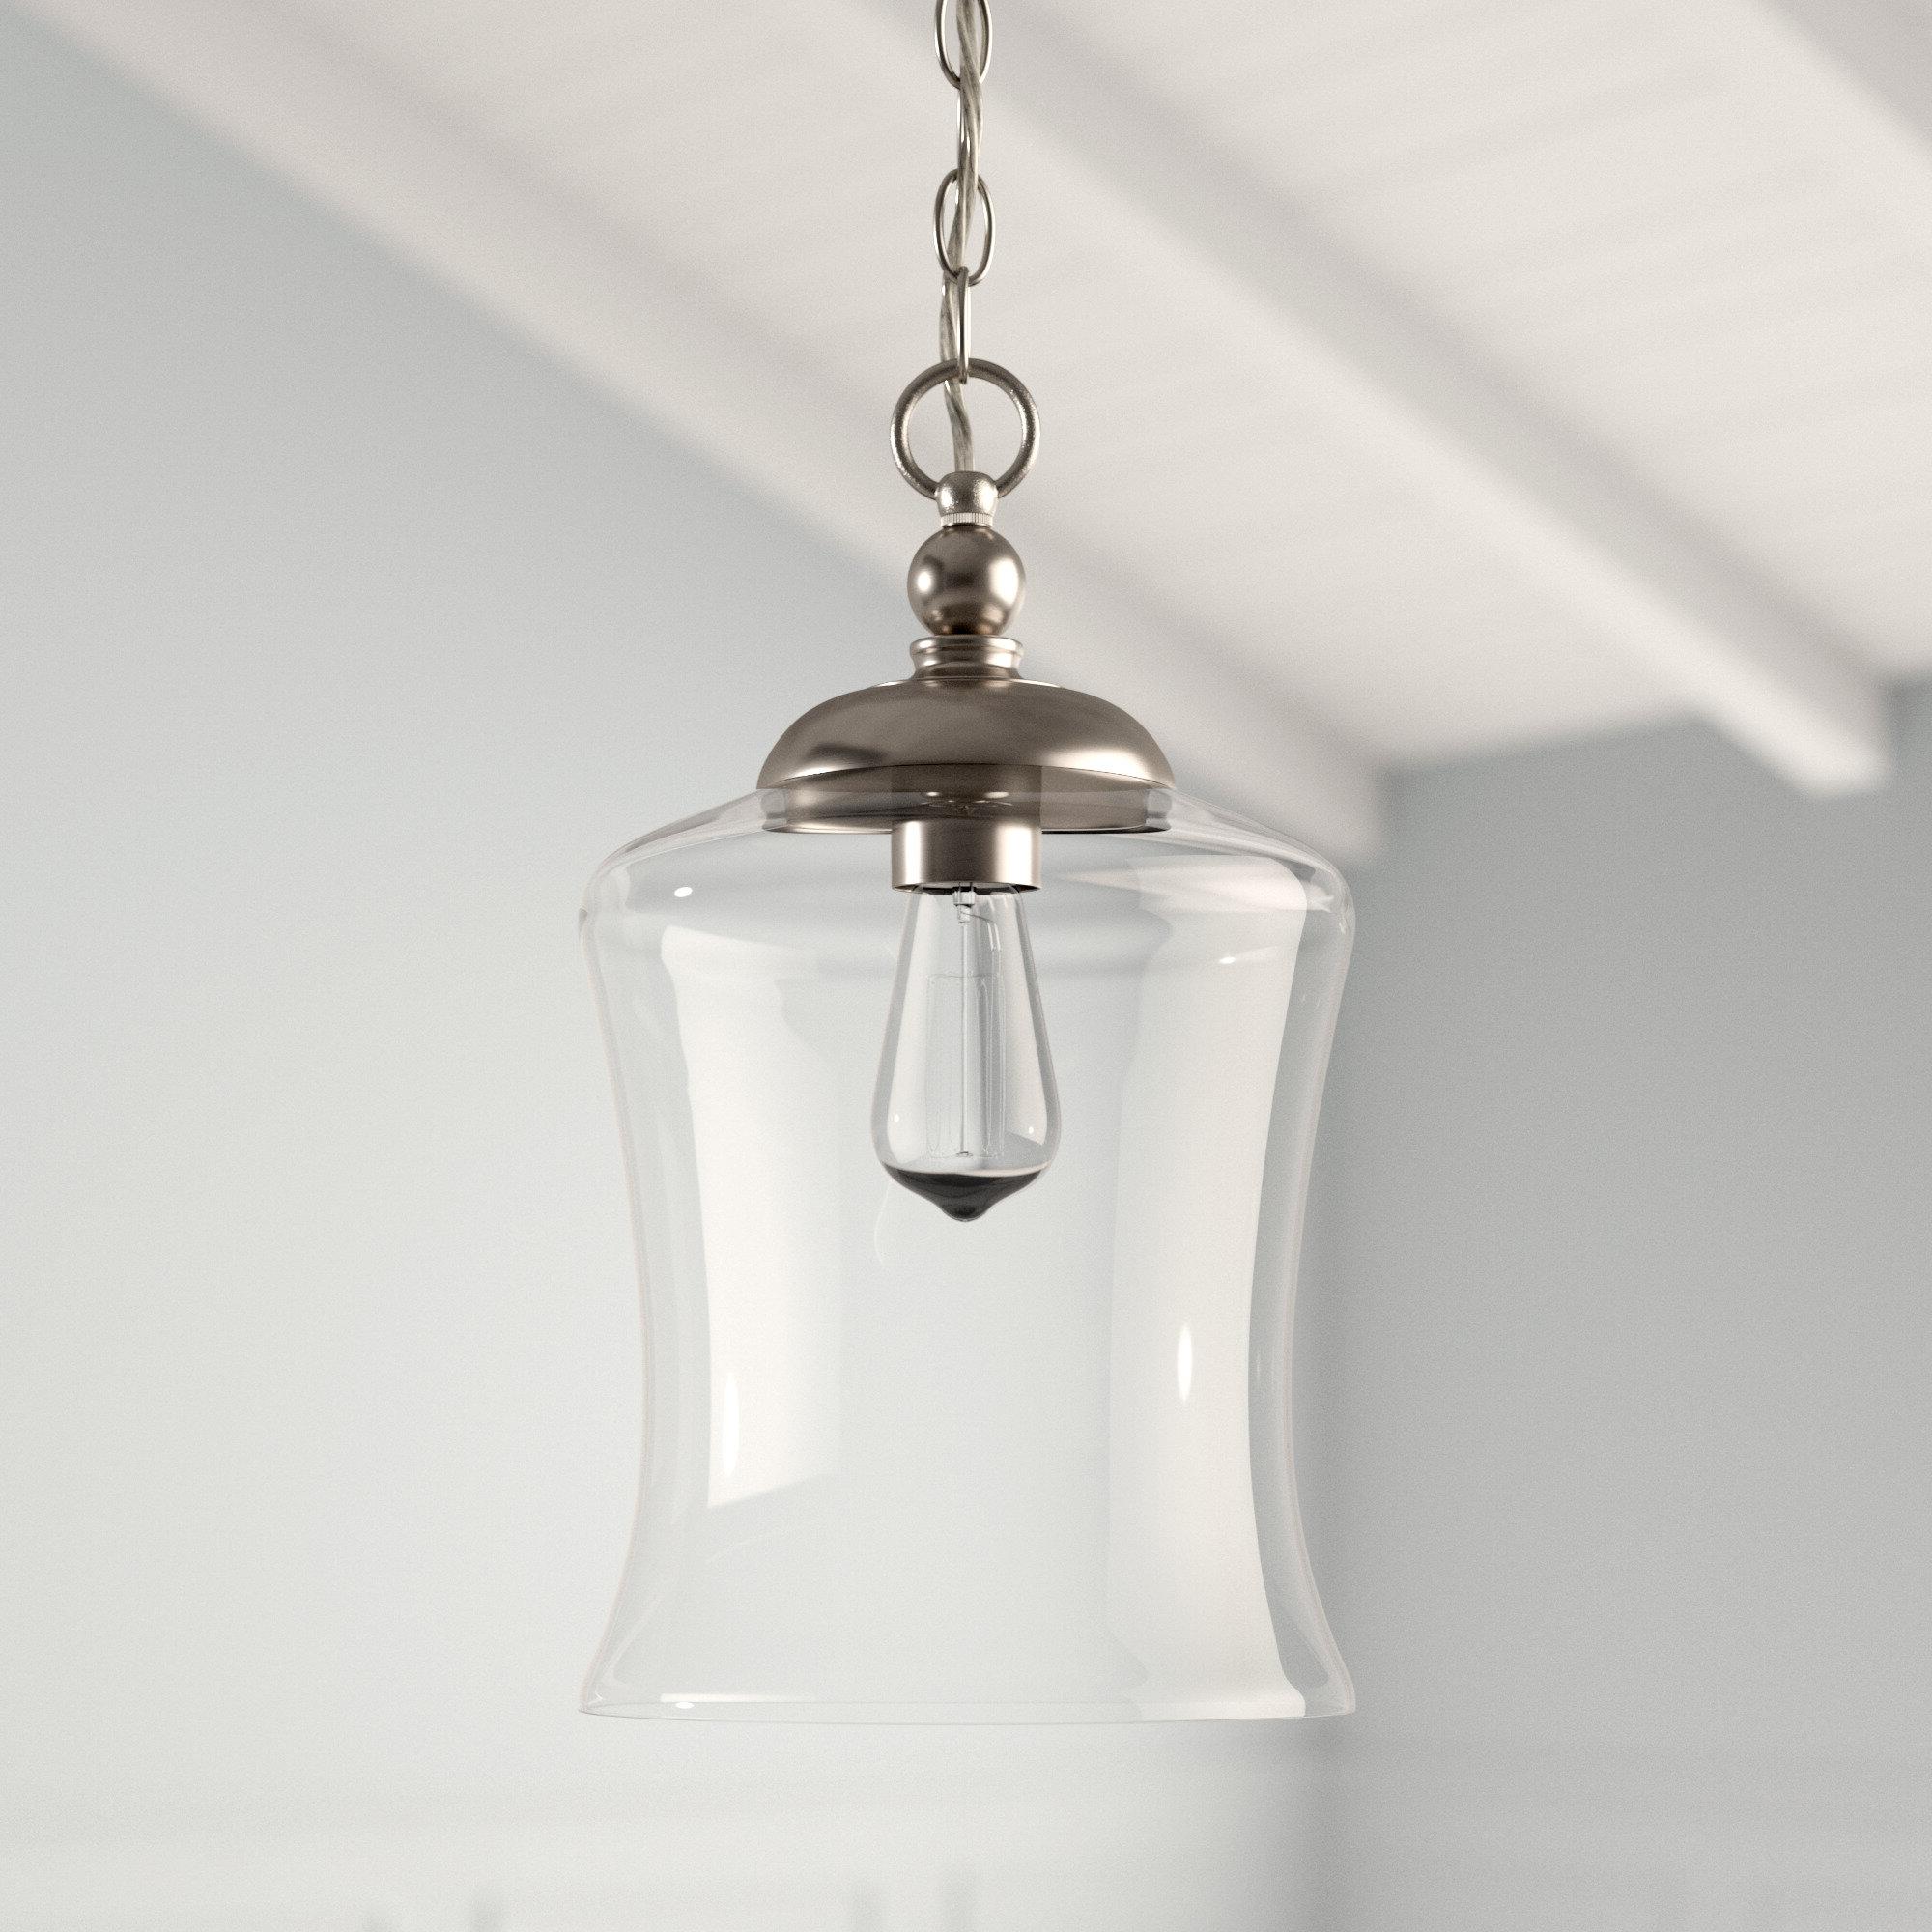 Wentzville 1 Light Single Bell Pendants Intended For 2019 Wentzville 1 Light Single Bell Pendant (Gallery 1 of 20)